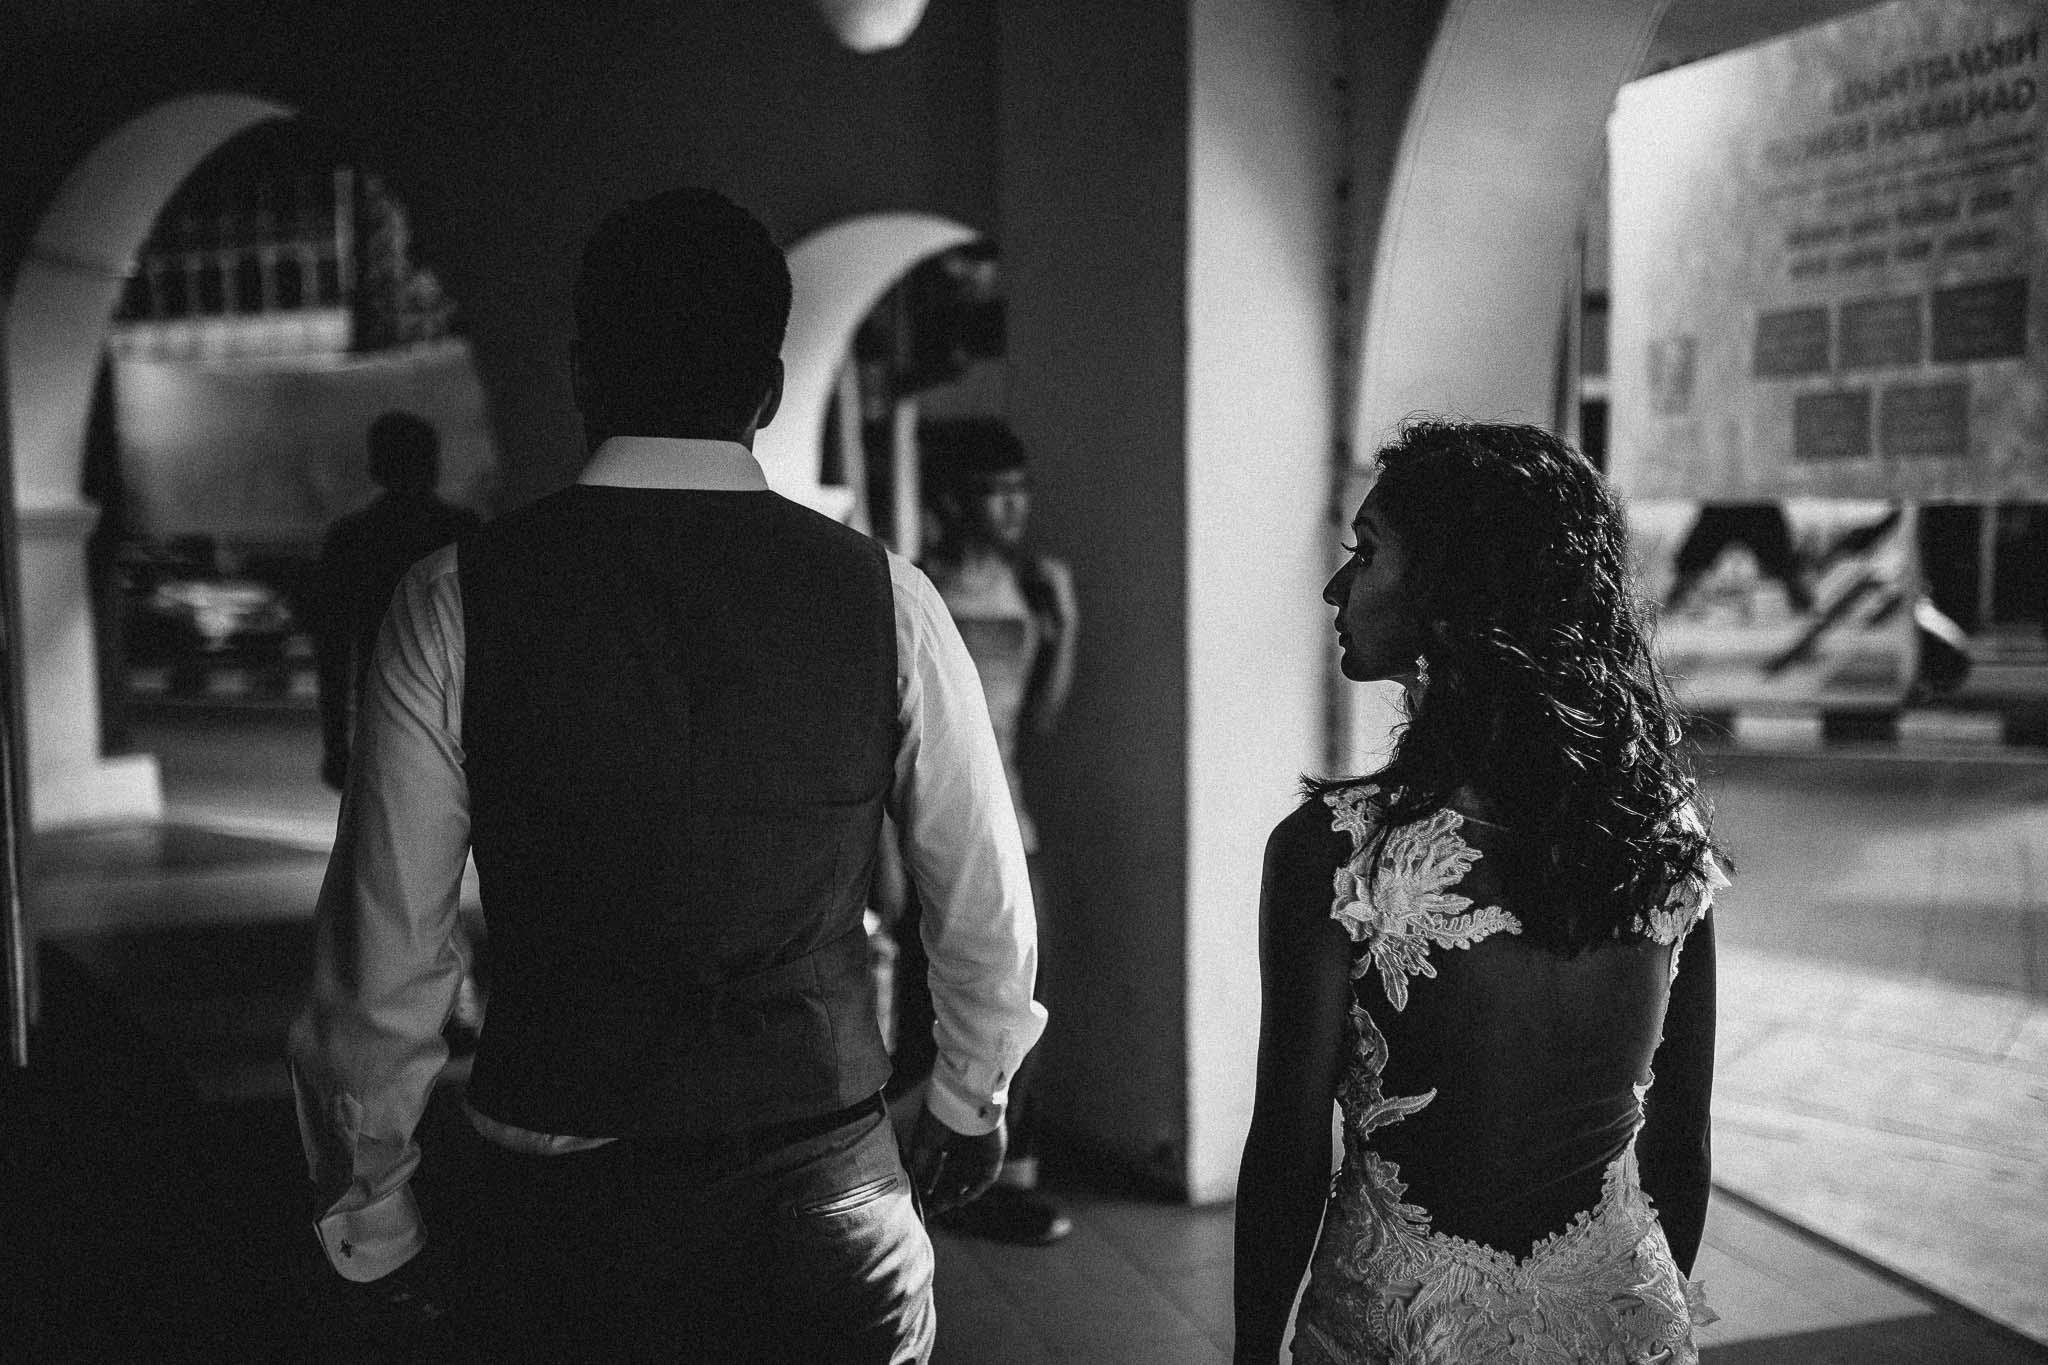 u&m-weddingsbyqay-lovesession-destinationweddingphotographer (126 of 160).jpg